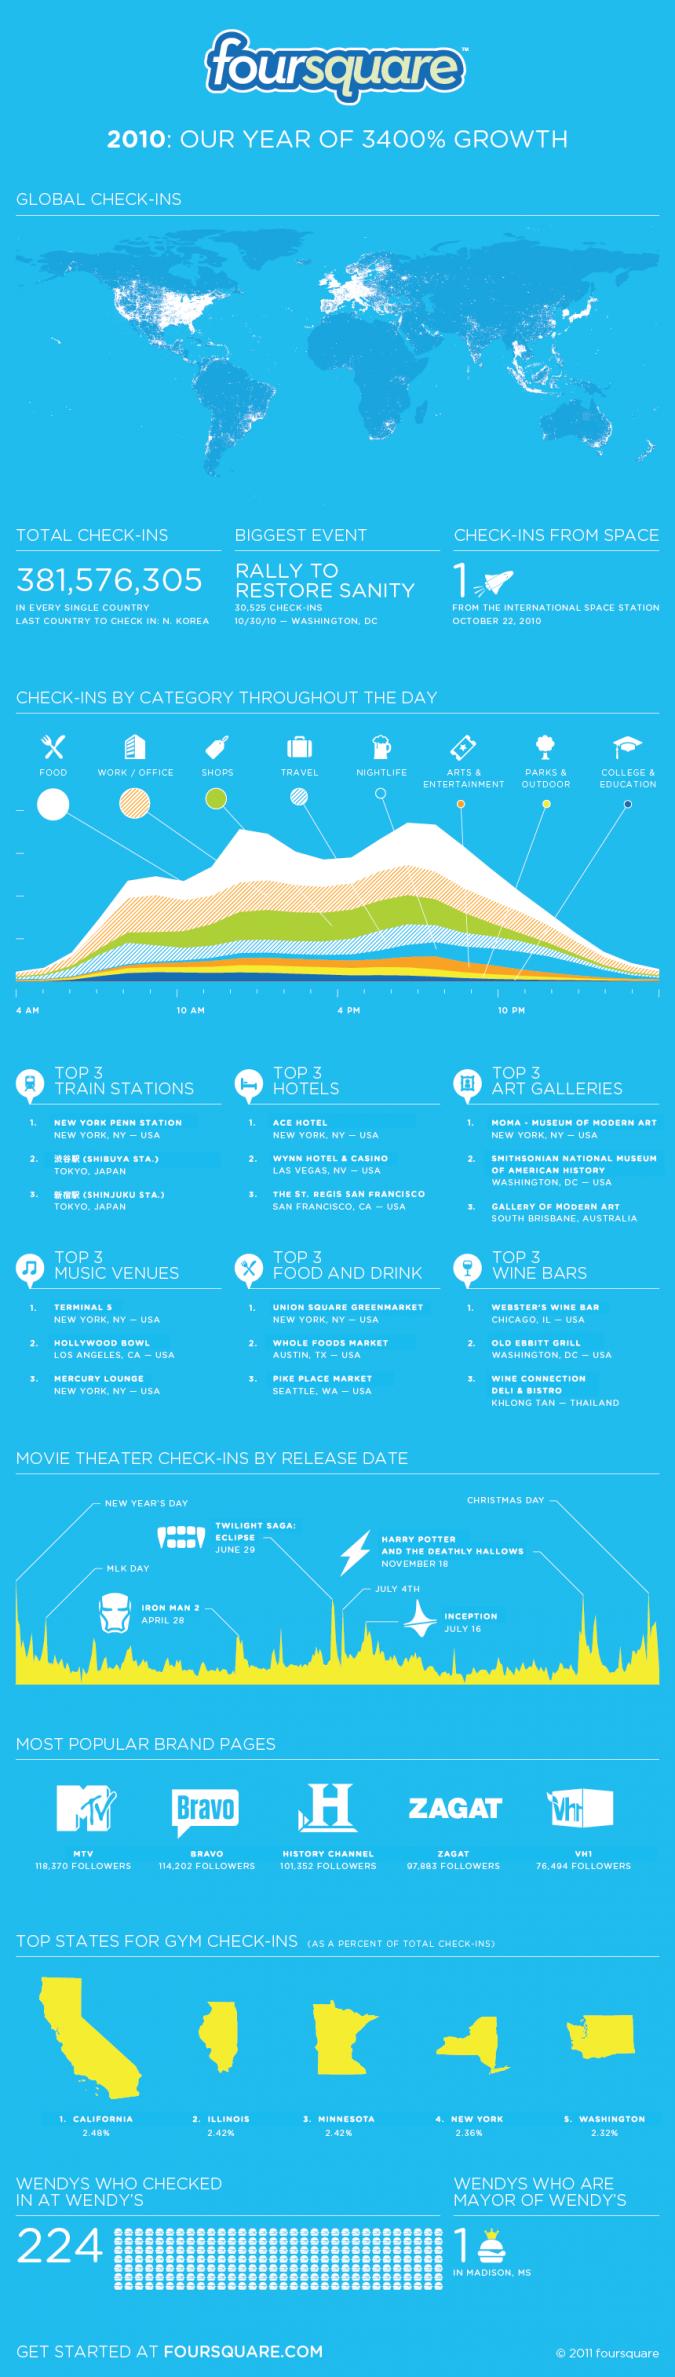 Grafik Foursquare 2010